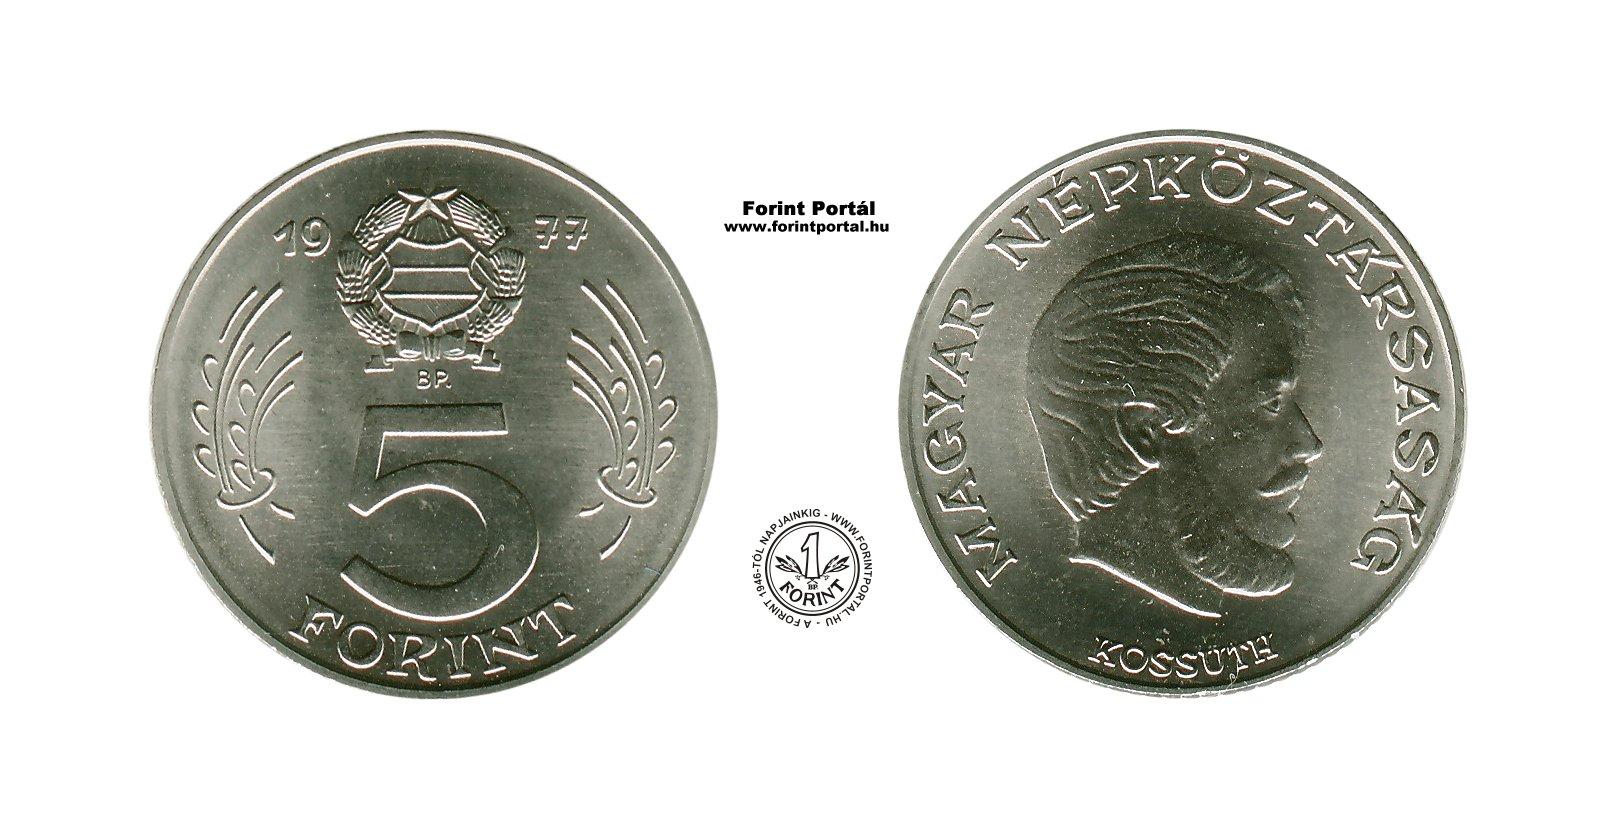 http://www.forintportal.hu/forint/5_forint/www_forintportal_hu_1977_5_forint.jpg